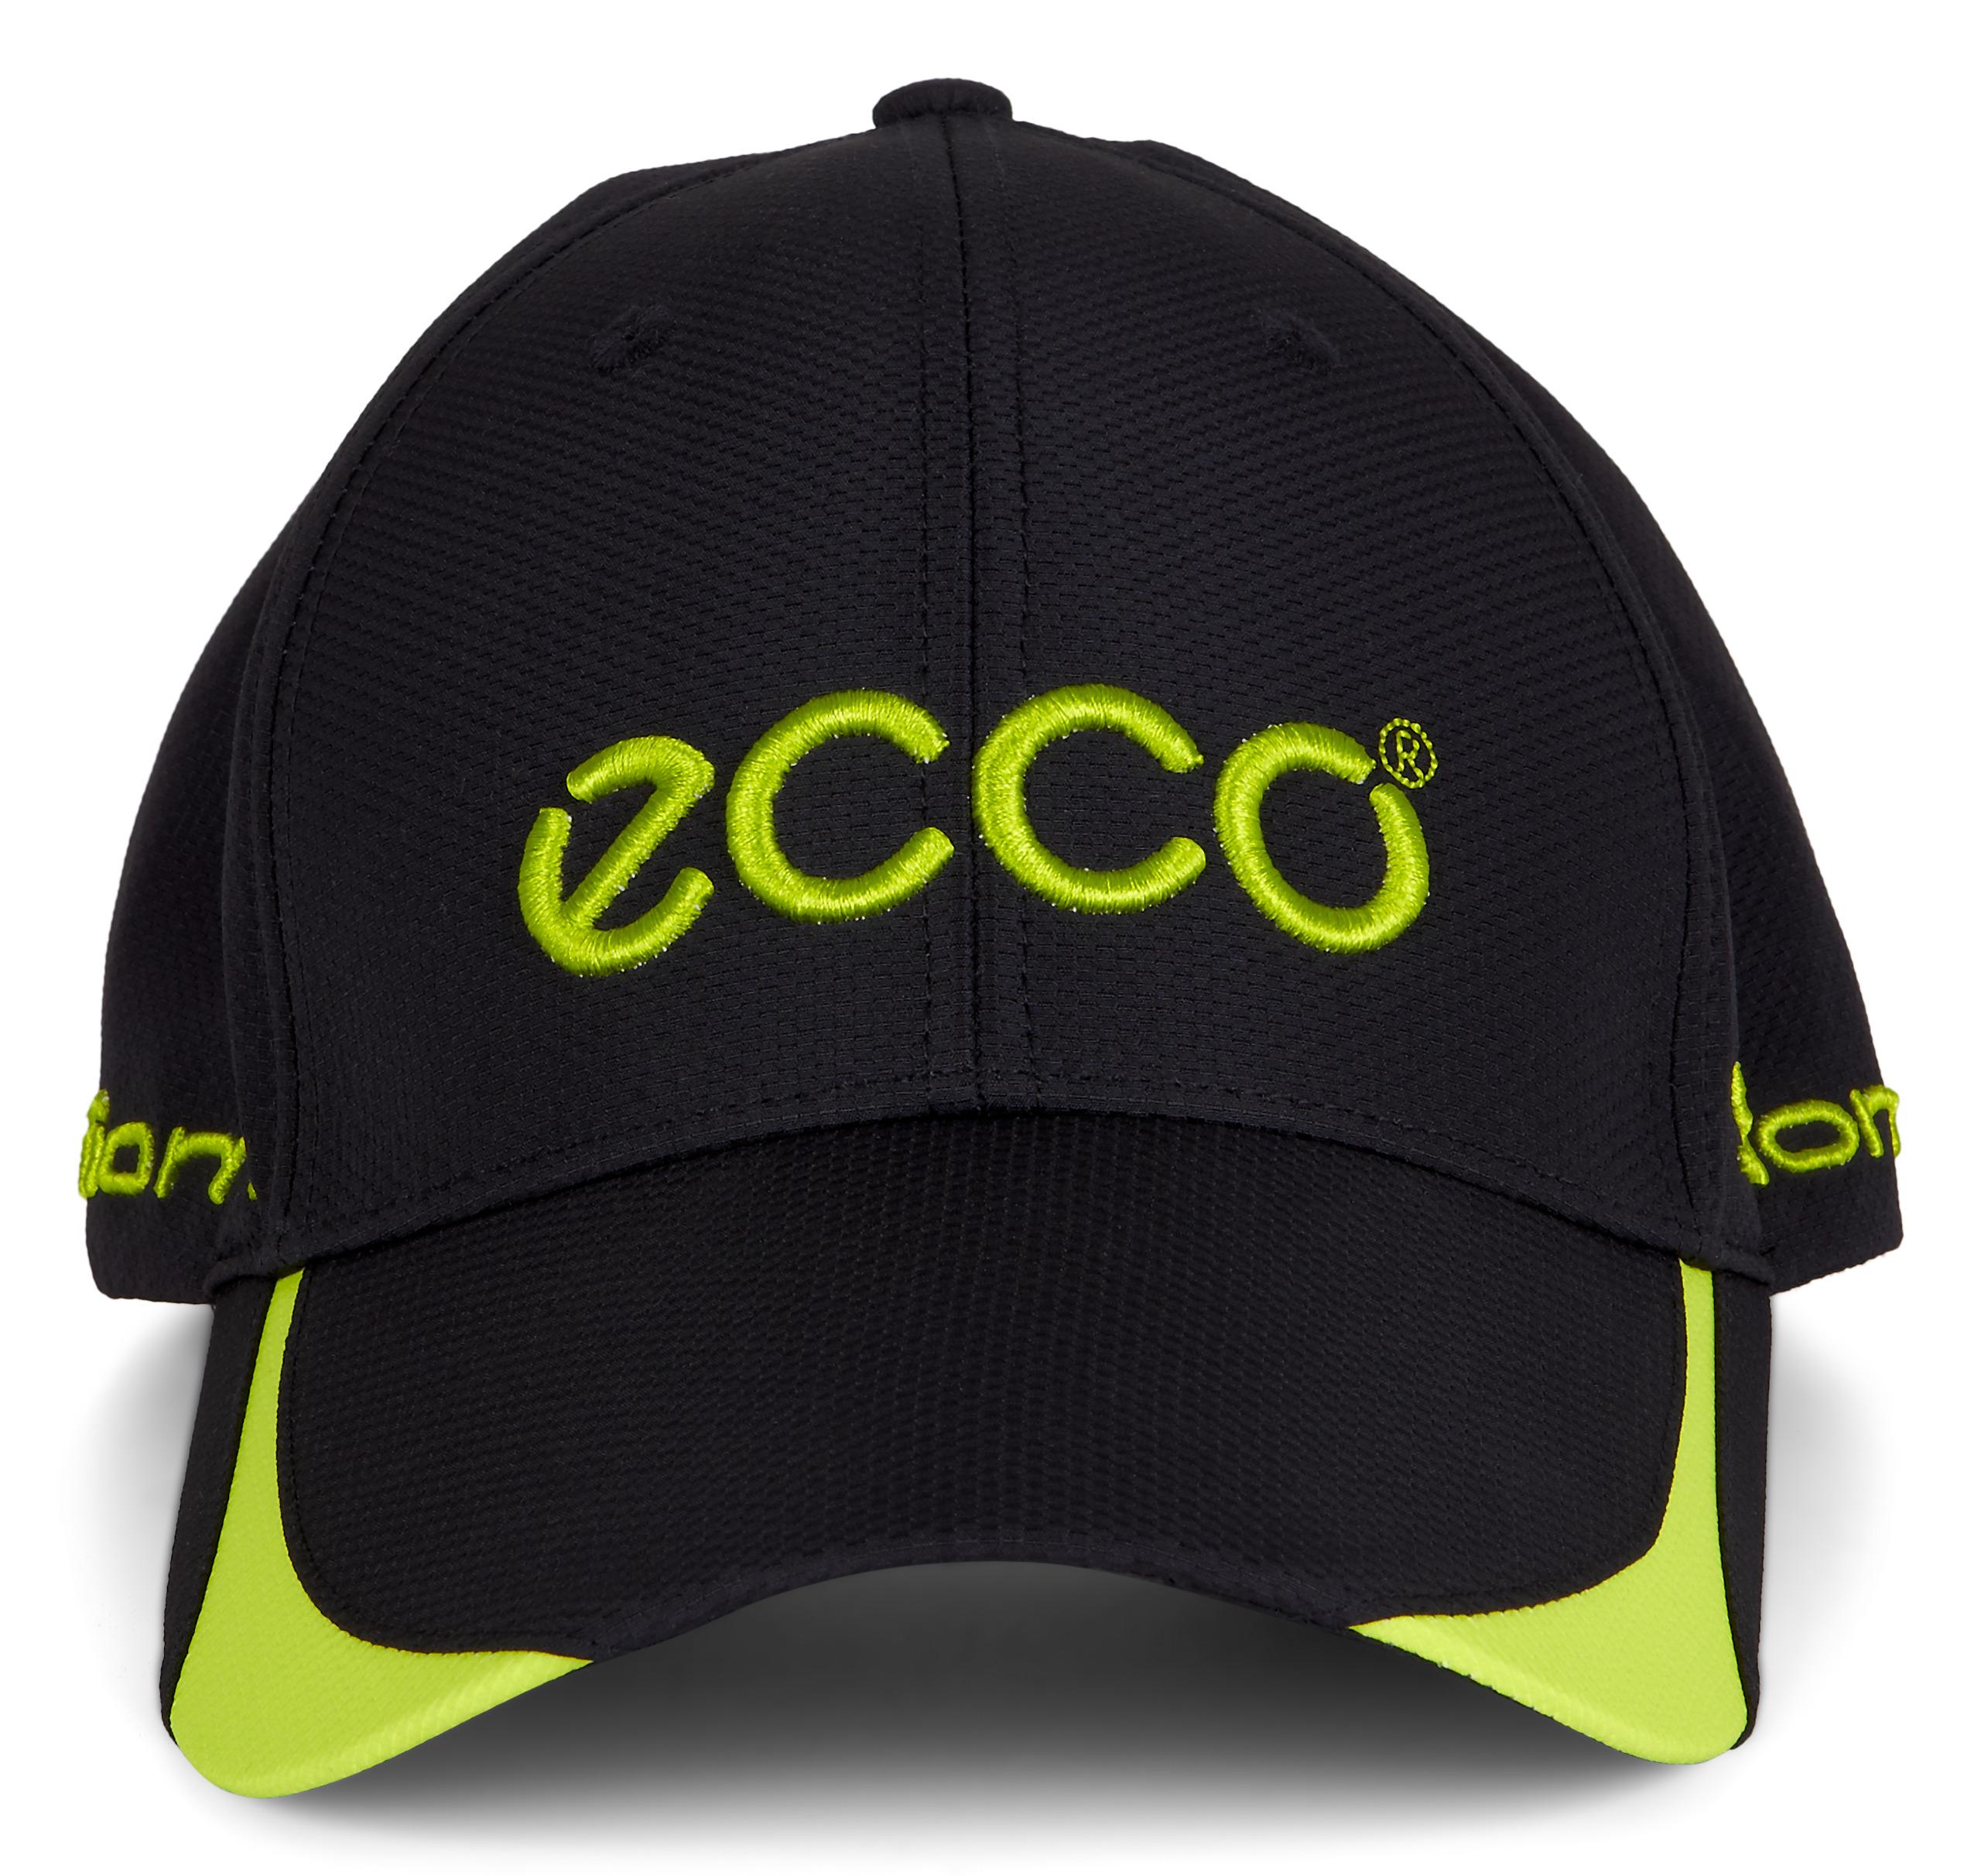 ECCO Golf Cap 4736bcfb3fc4